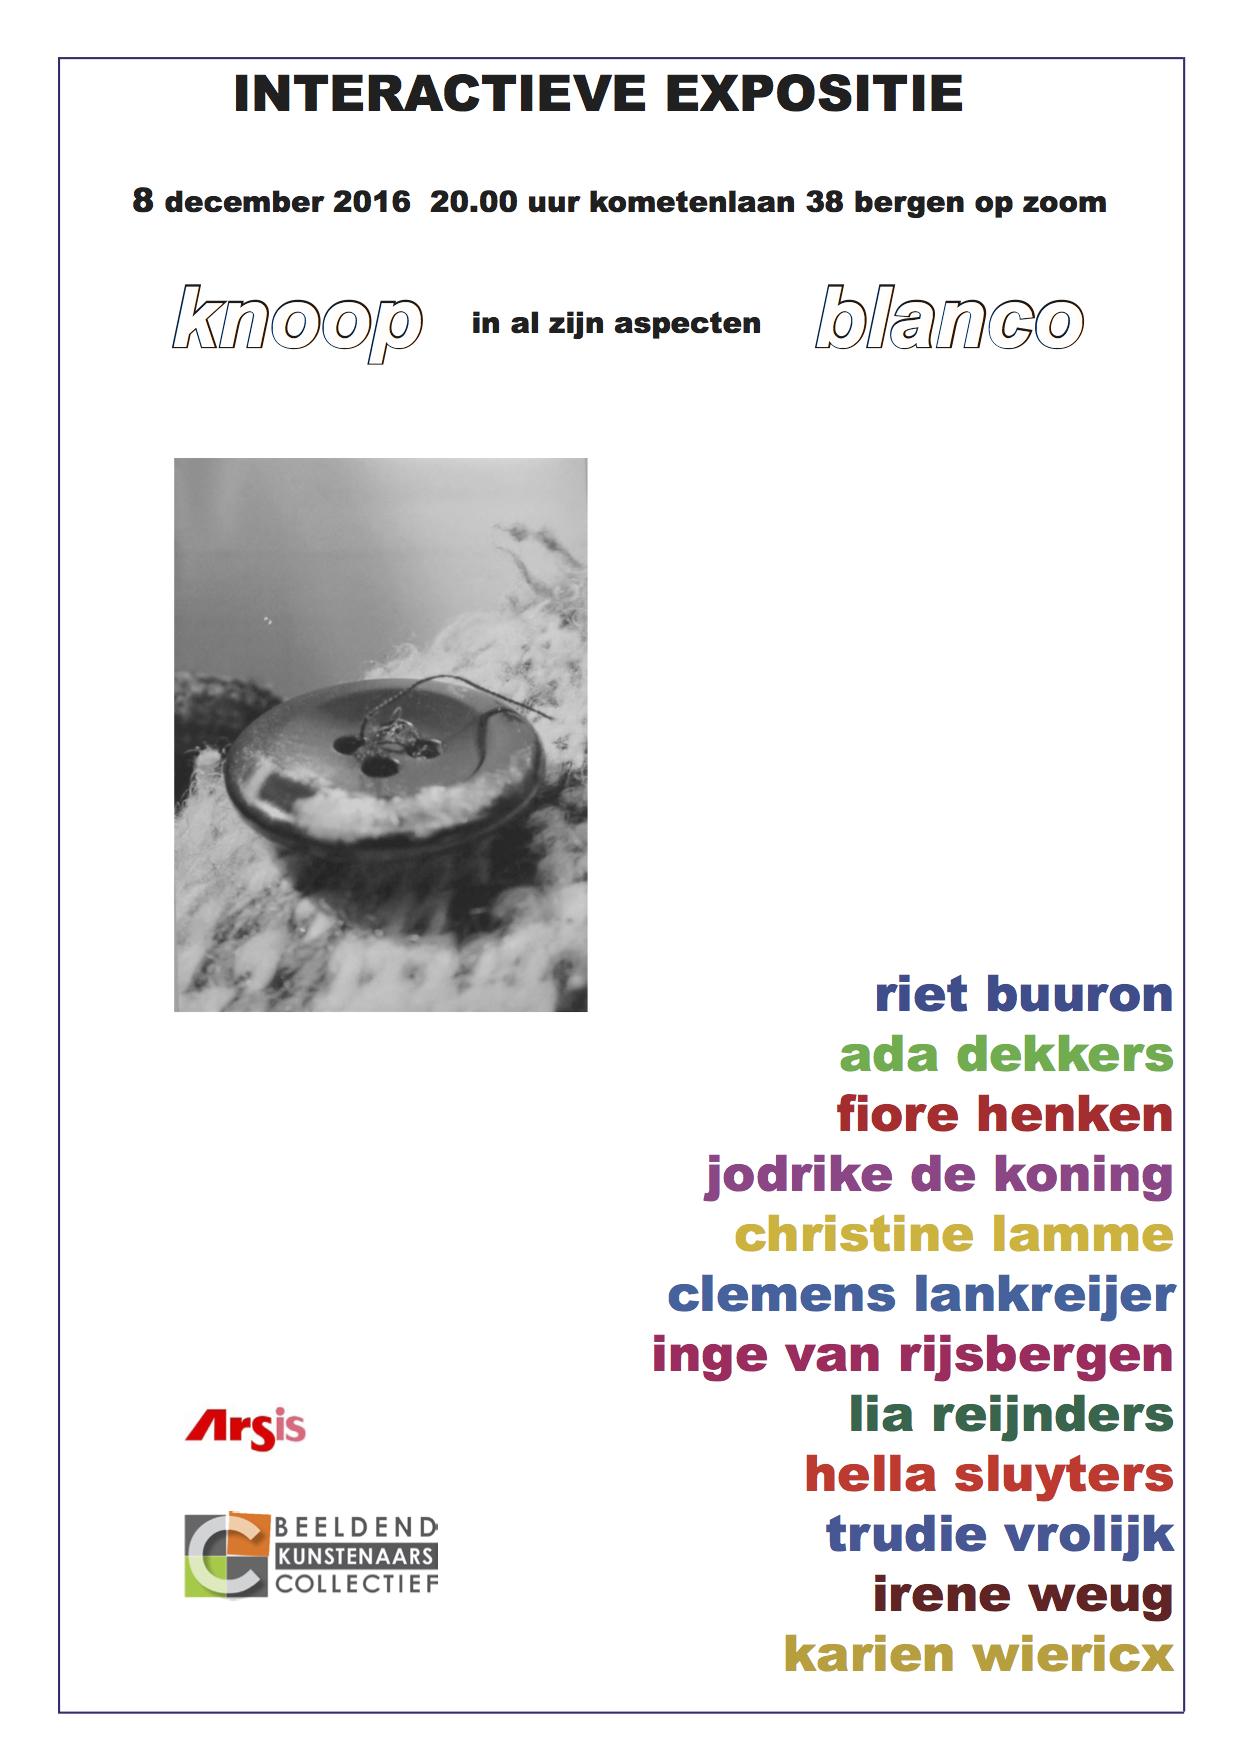 Expositie kunstenaarsgroep BLANCO